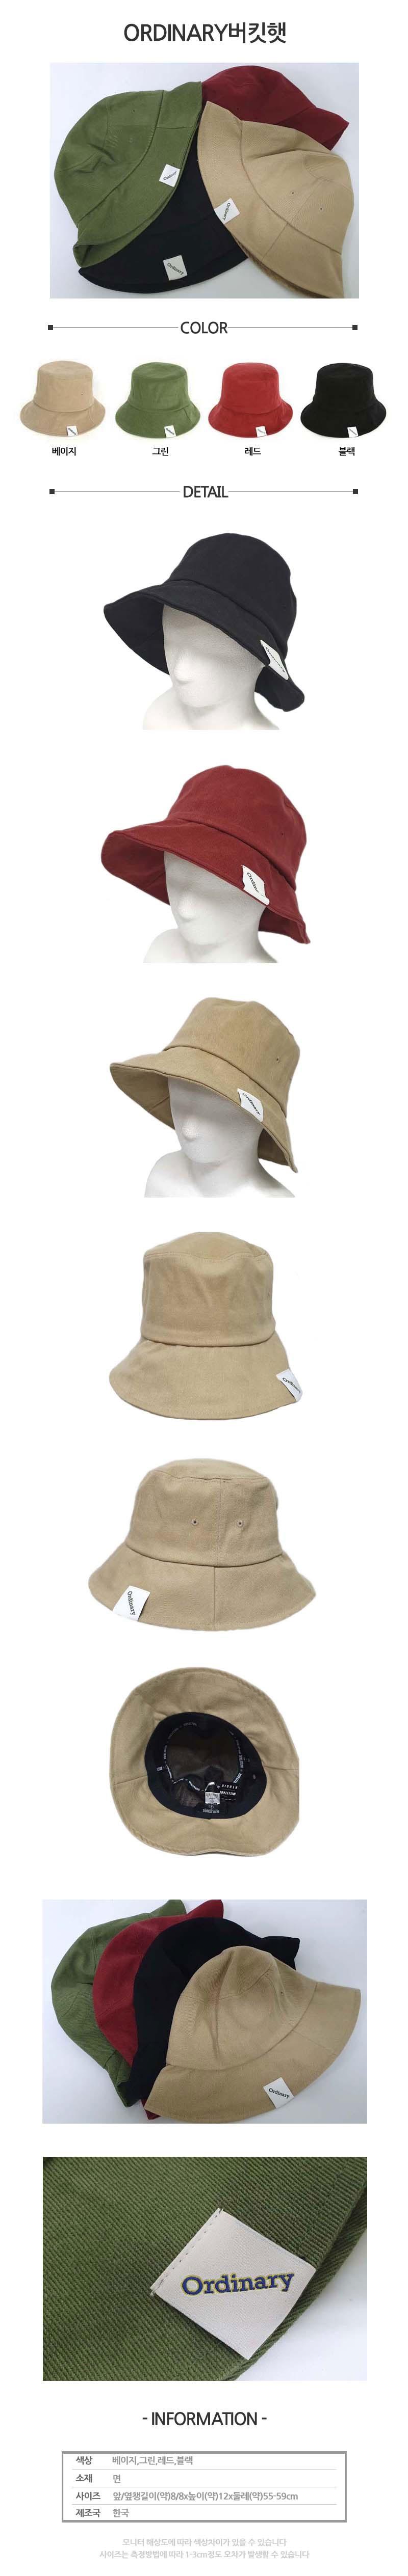 ORDINARY 버킷햇 벙거지모자CH1489647 - 익스트리모, 20,240원, 모자, 버킷햇